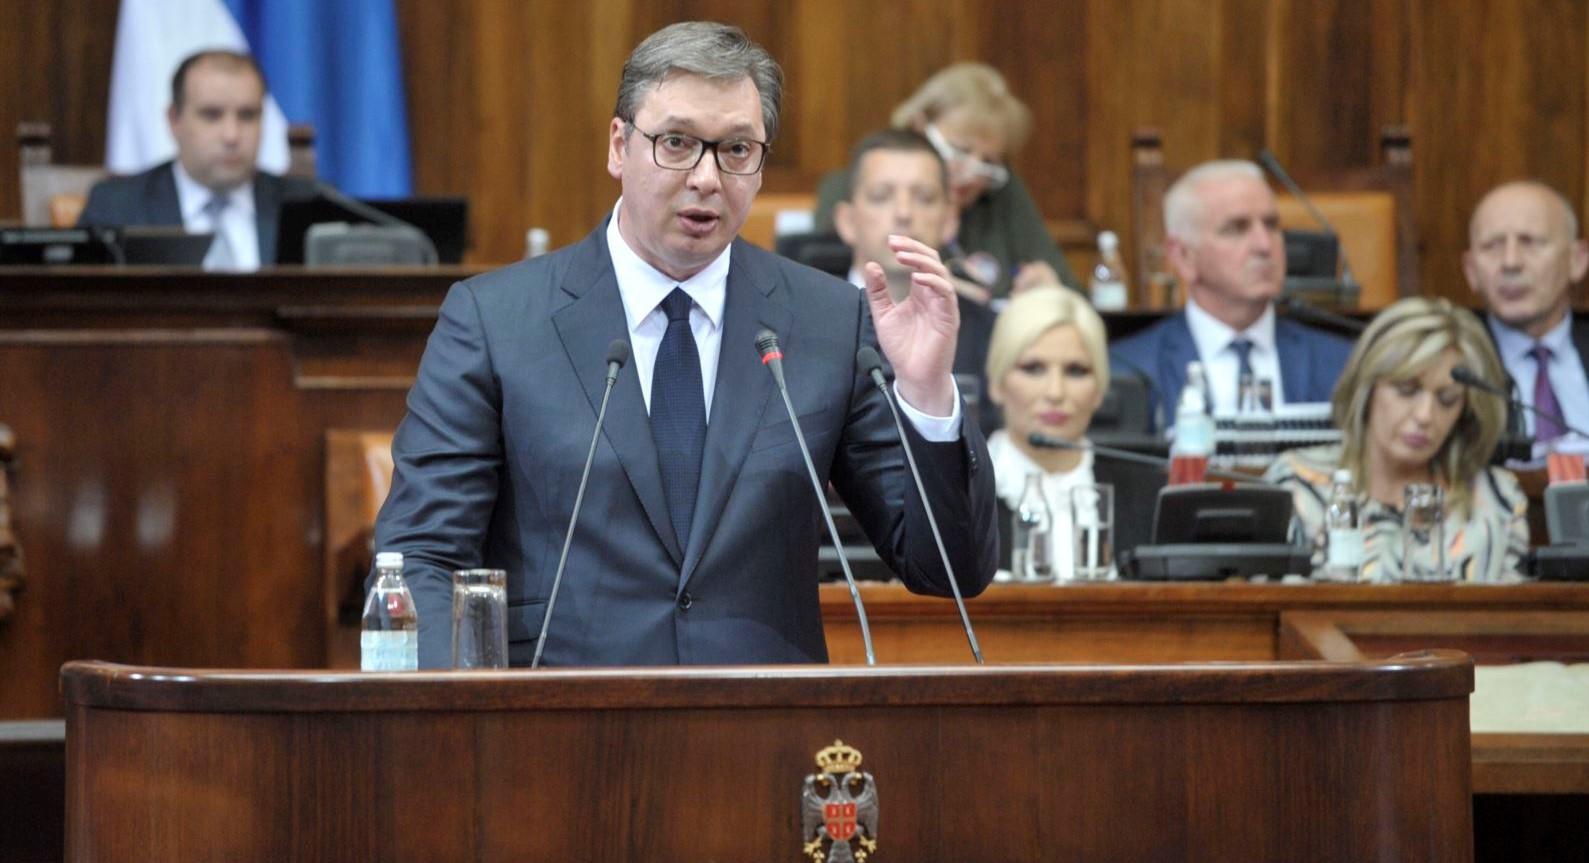 Kuvendi i Serbisë miraton raportin për Kosovën, çfarë paraqitet aty?